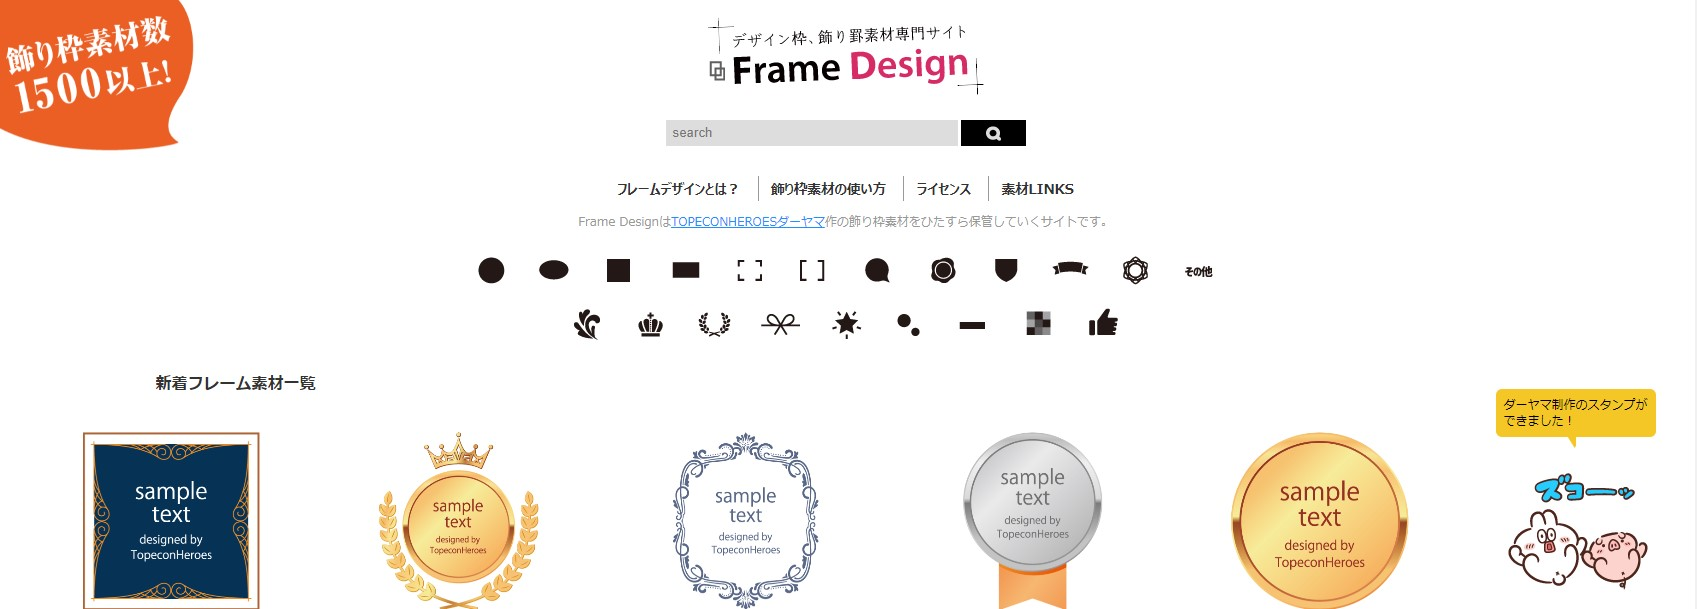 デザイン枠専門サイトFRAME Design – 1000以上の飾り枠のある素材サイト